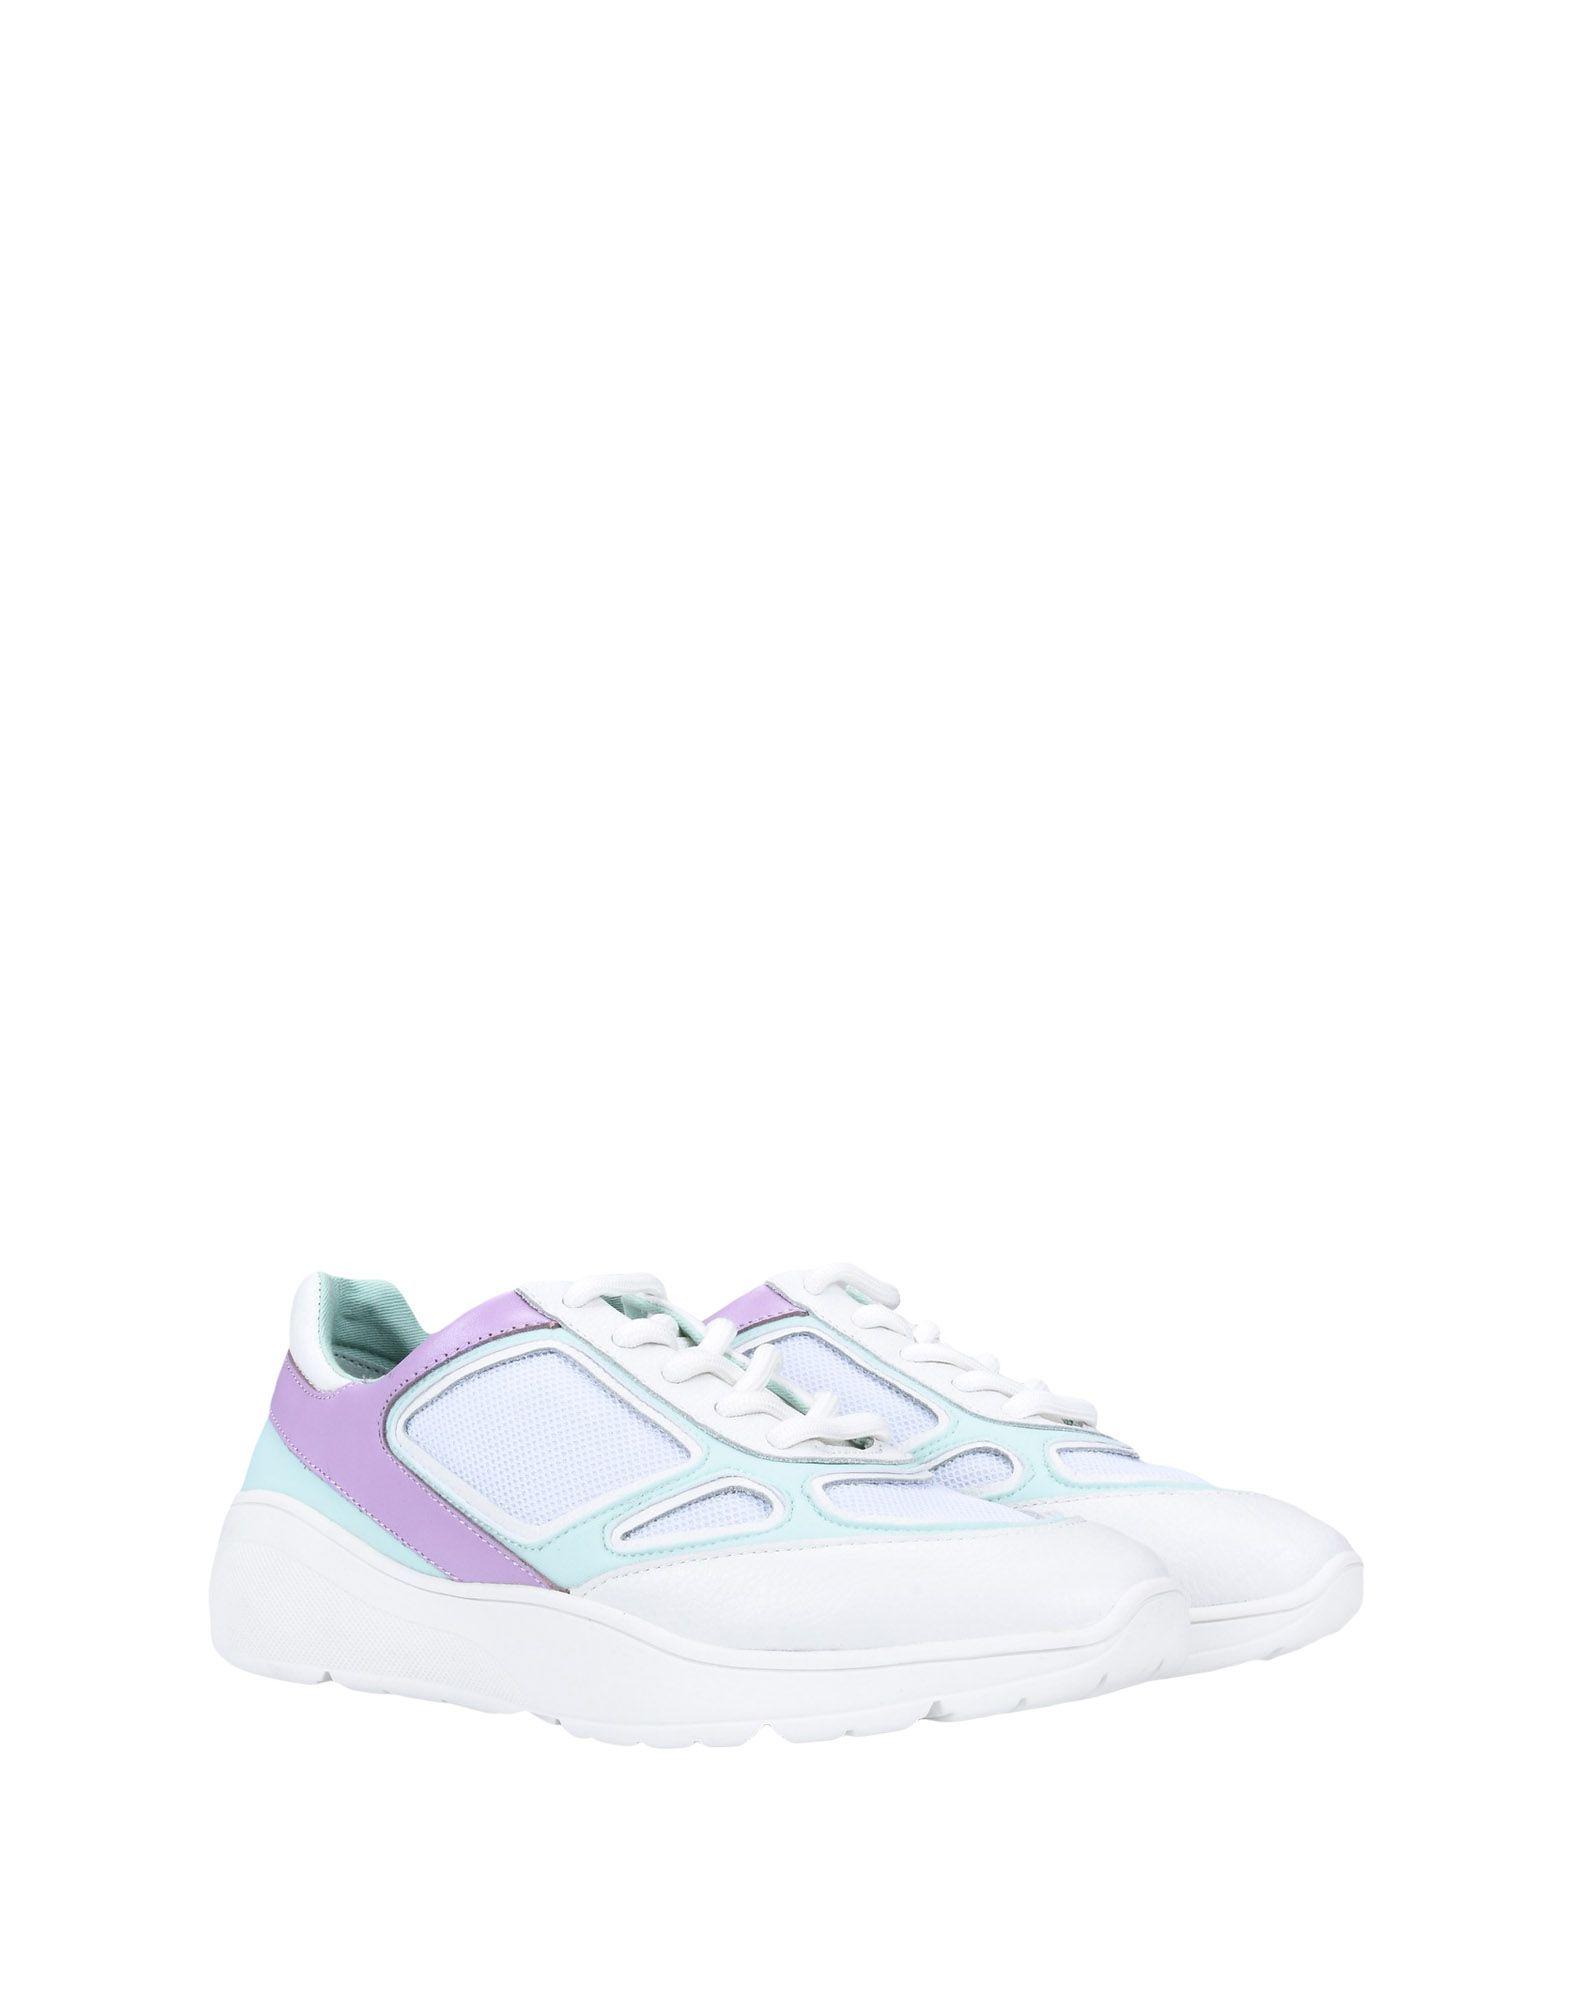 Steve Madden Current Sneaker  Schuhe 11492908JU Gute Qualität beliebte Schuhe  effda1